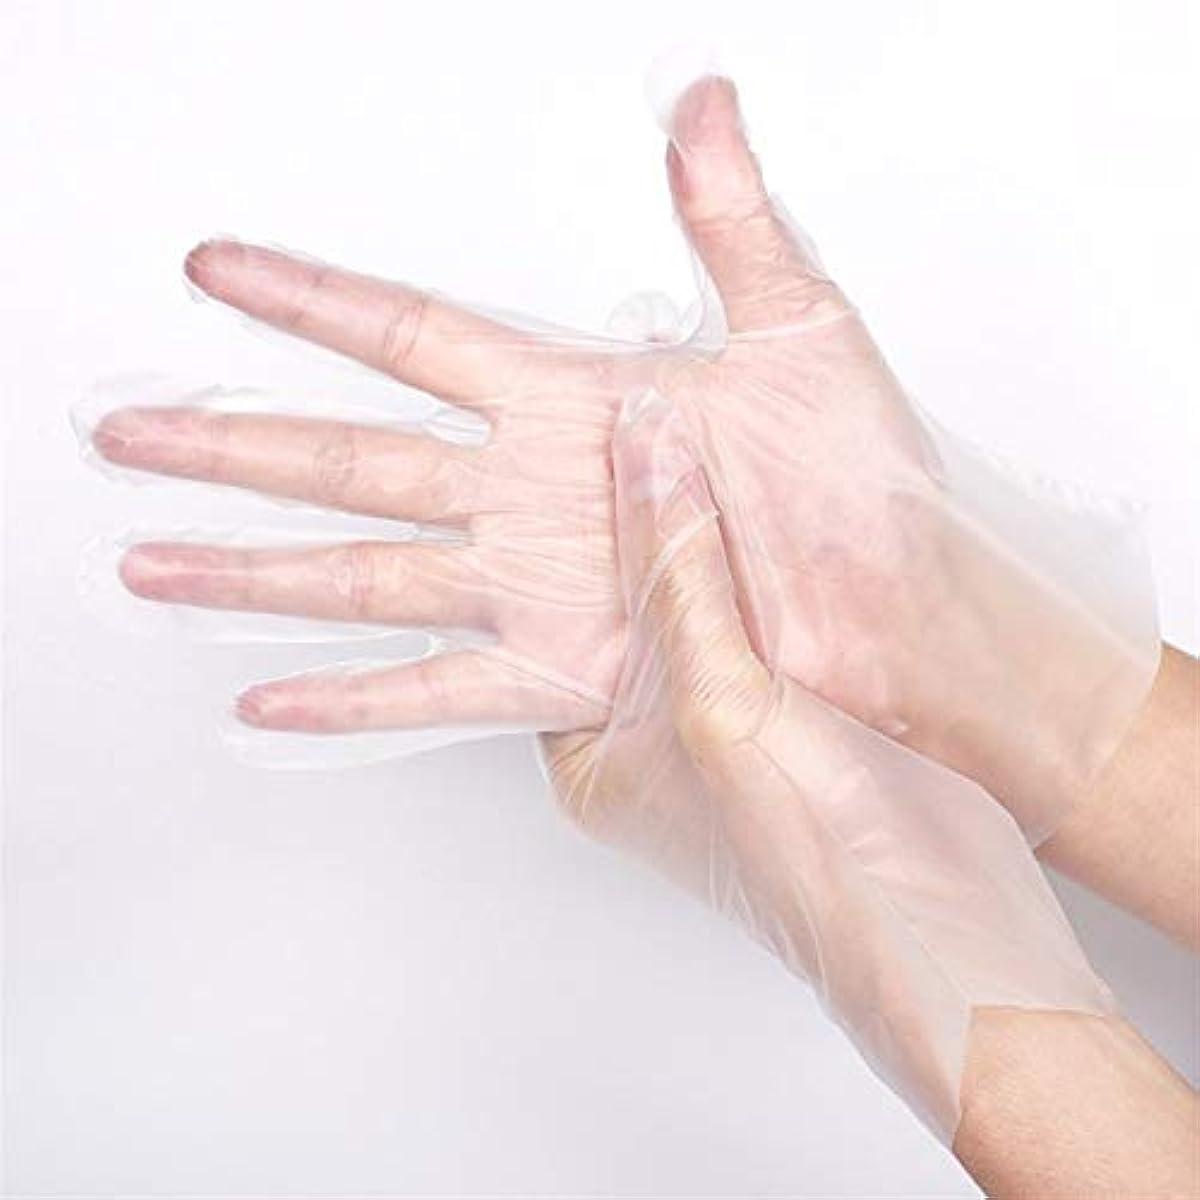 優しさ屋内で小石ニトリルゴム手袋 使い捨て手袋100厚ケータリング理髪プラスチックフィルム家庭用キッチン手袋、100 /箱 使い捨て手袋 (Color : Blue, Size : M)